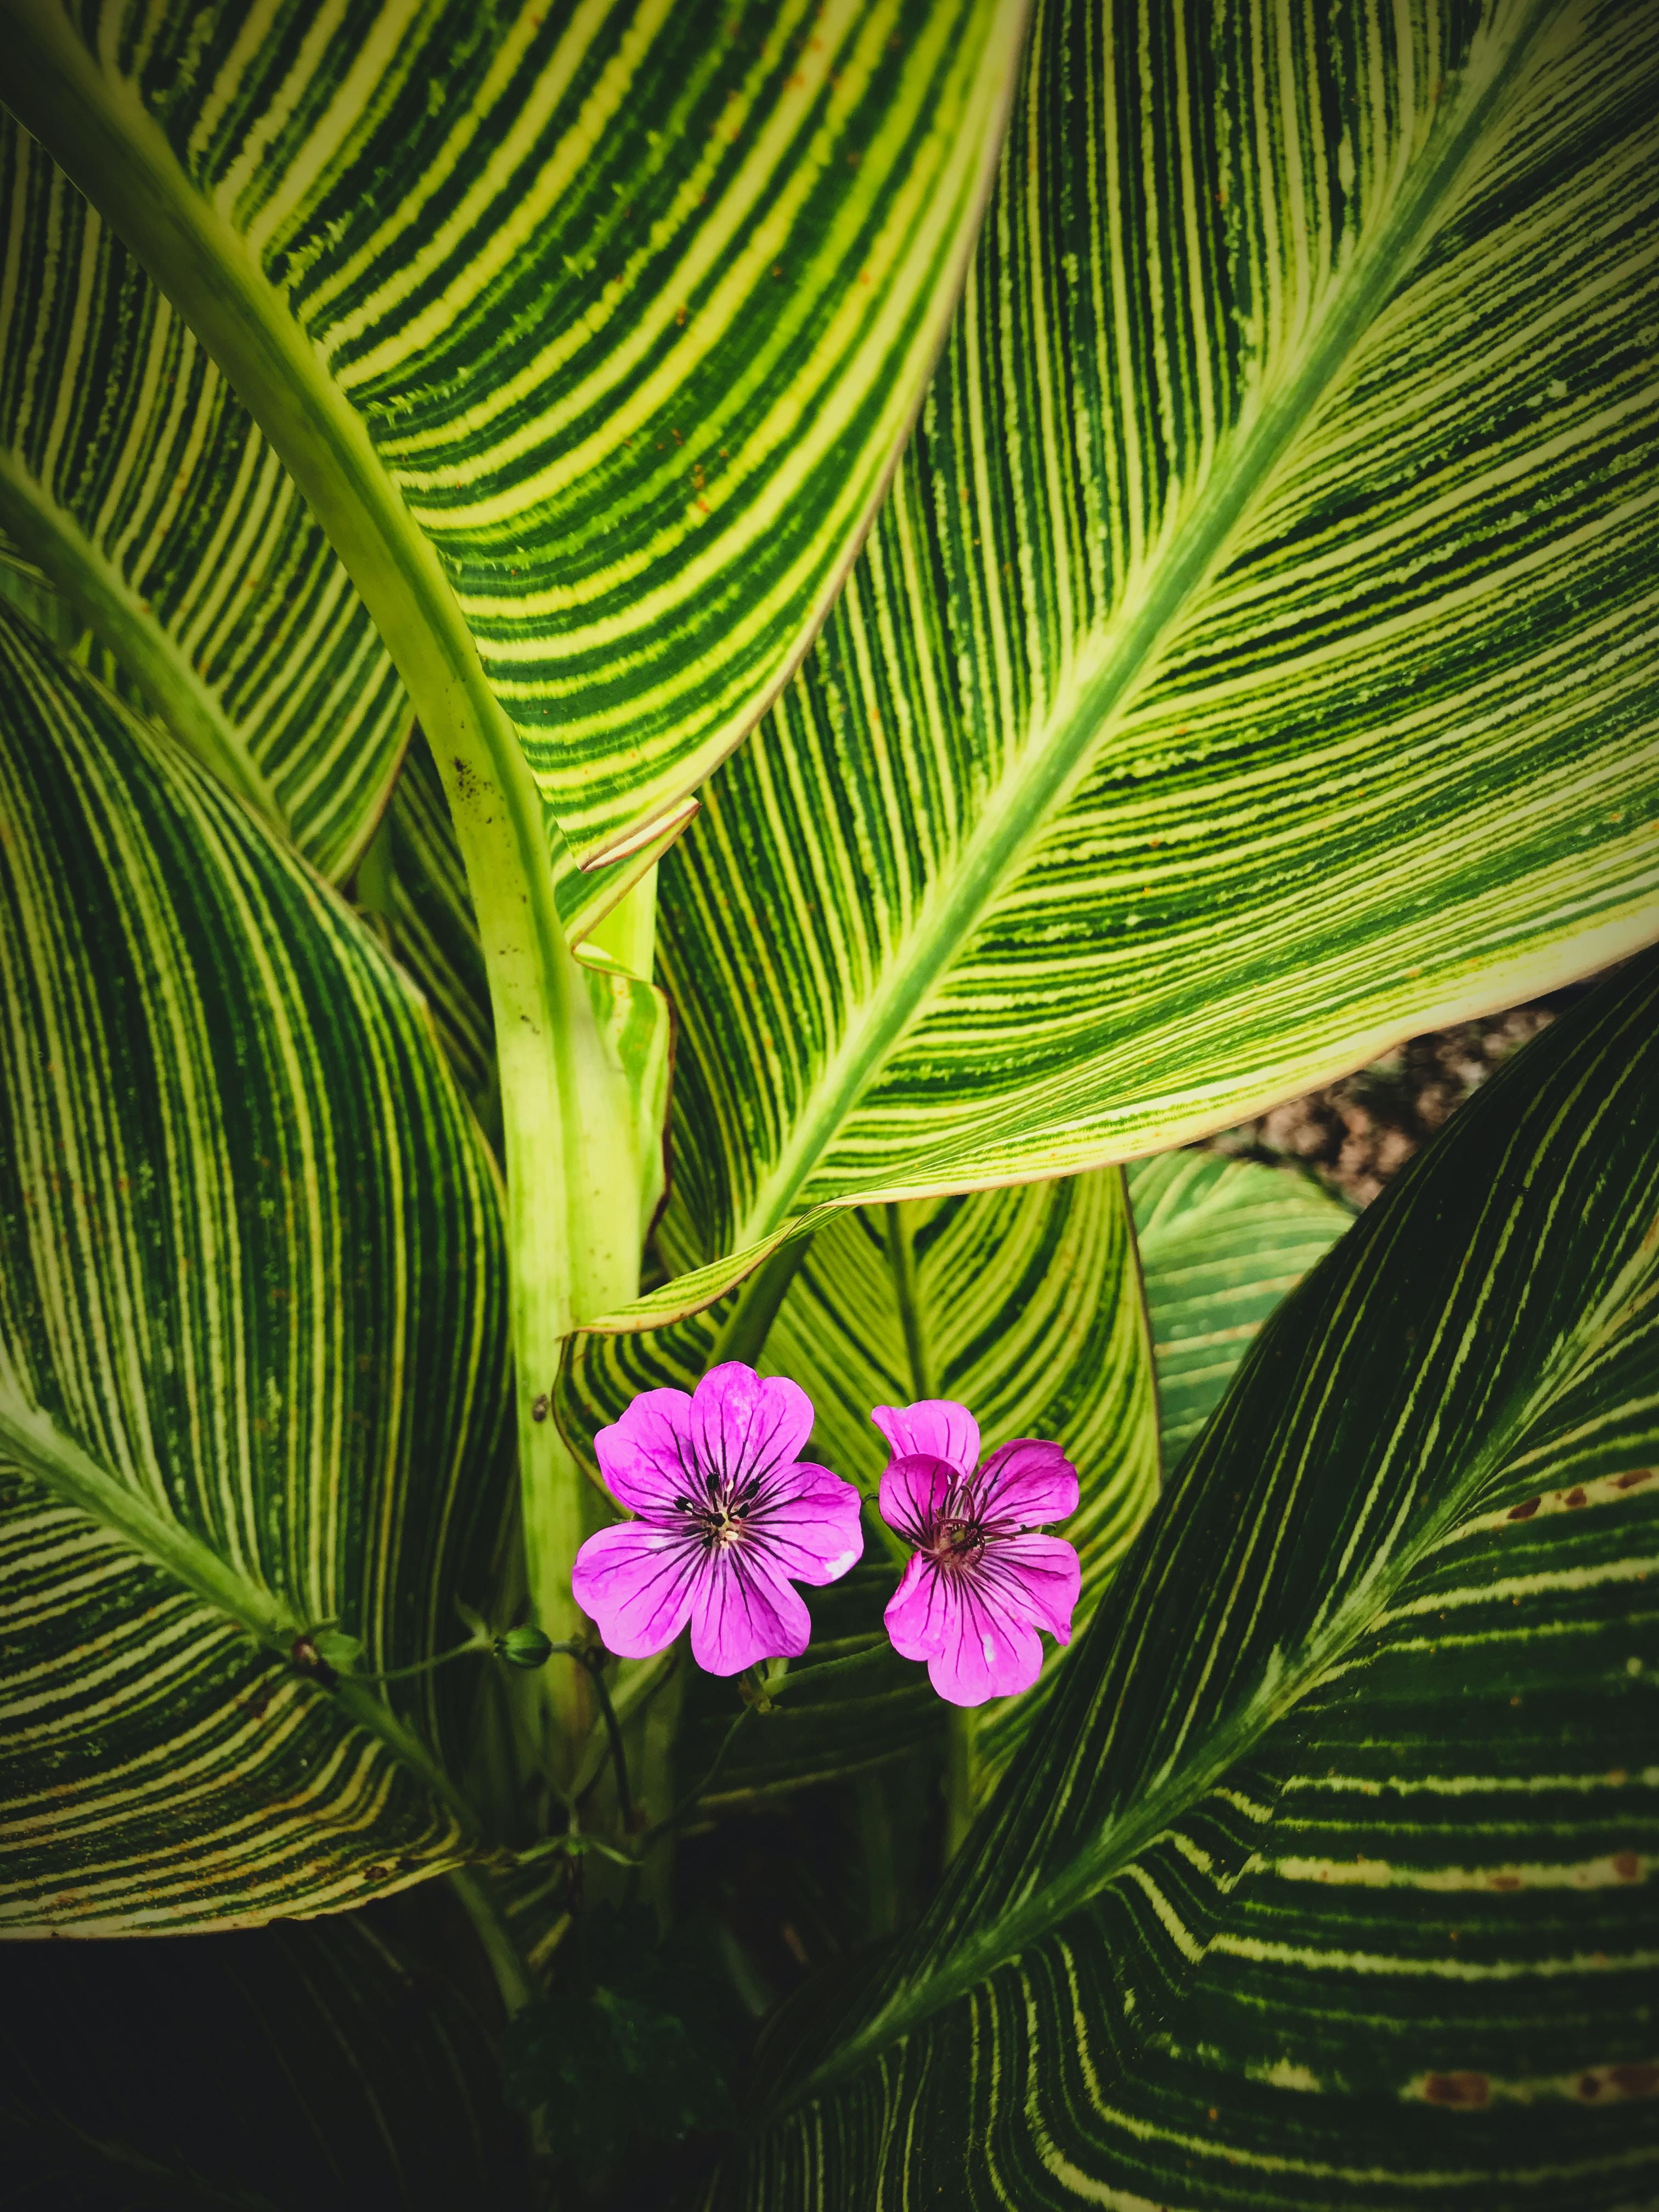 two purple petaled flowers